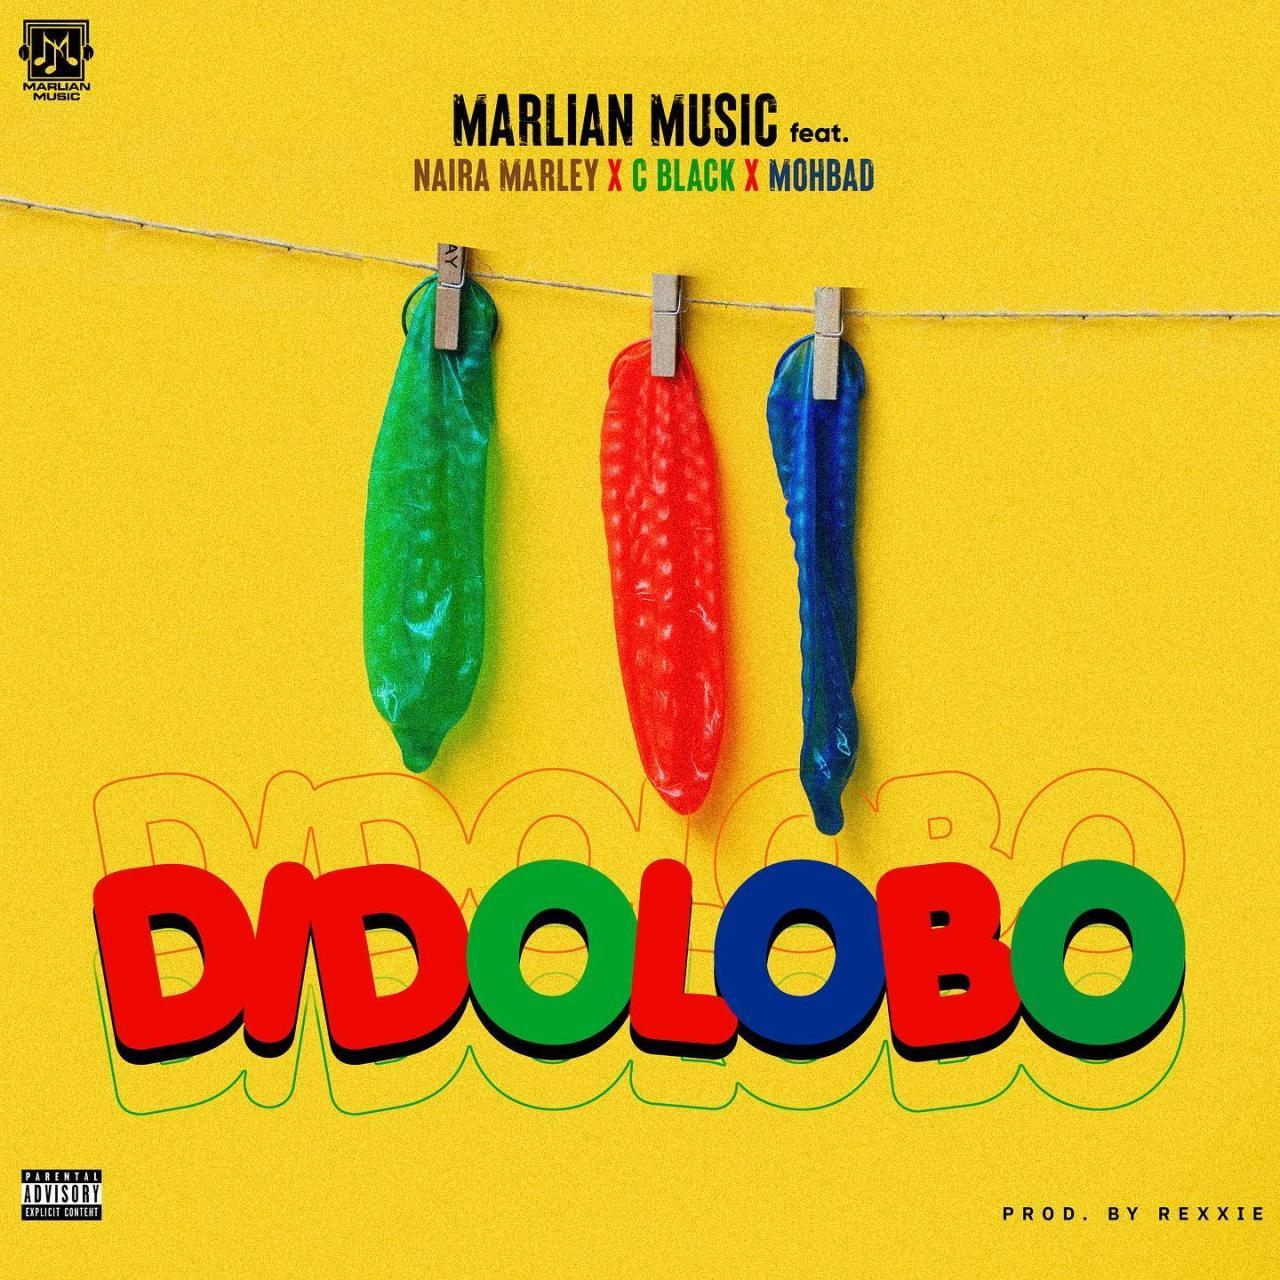 Naira Marley Didolobo Mp3